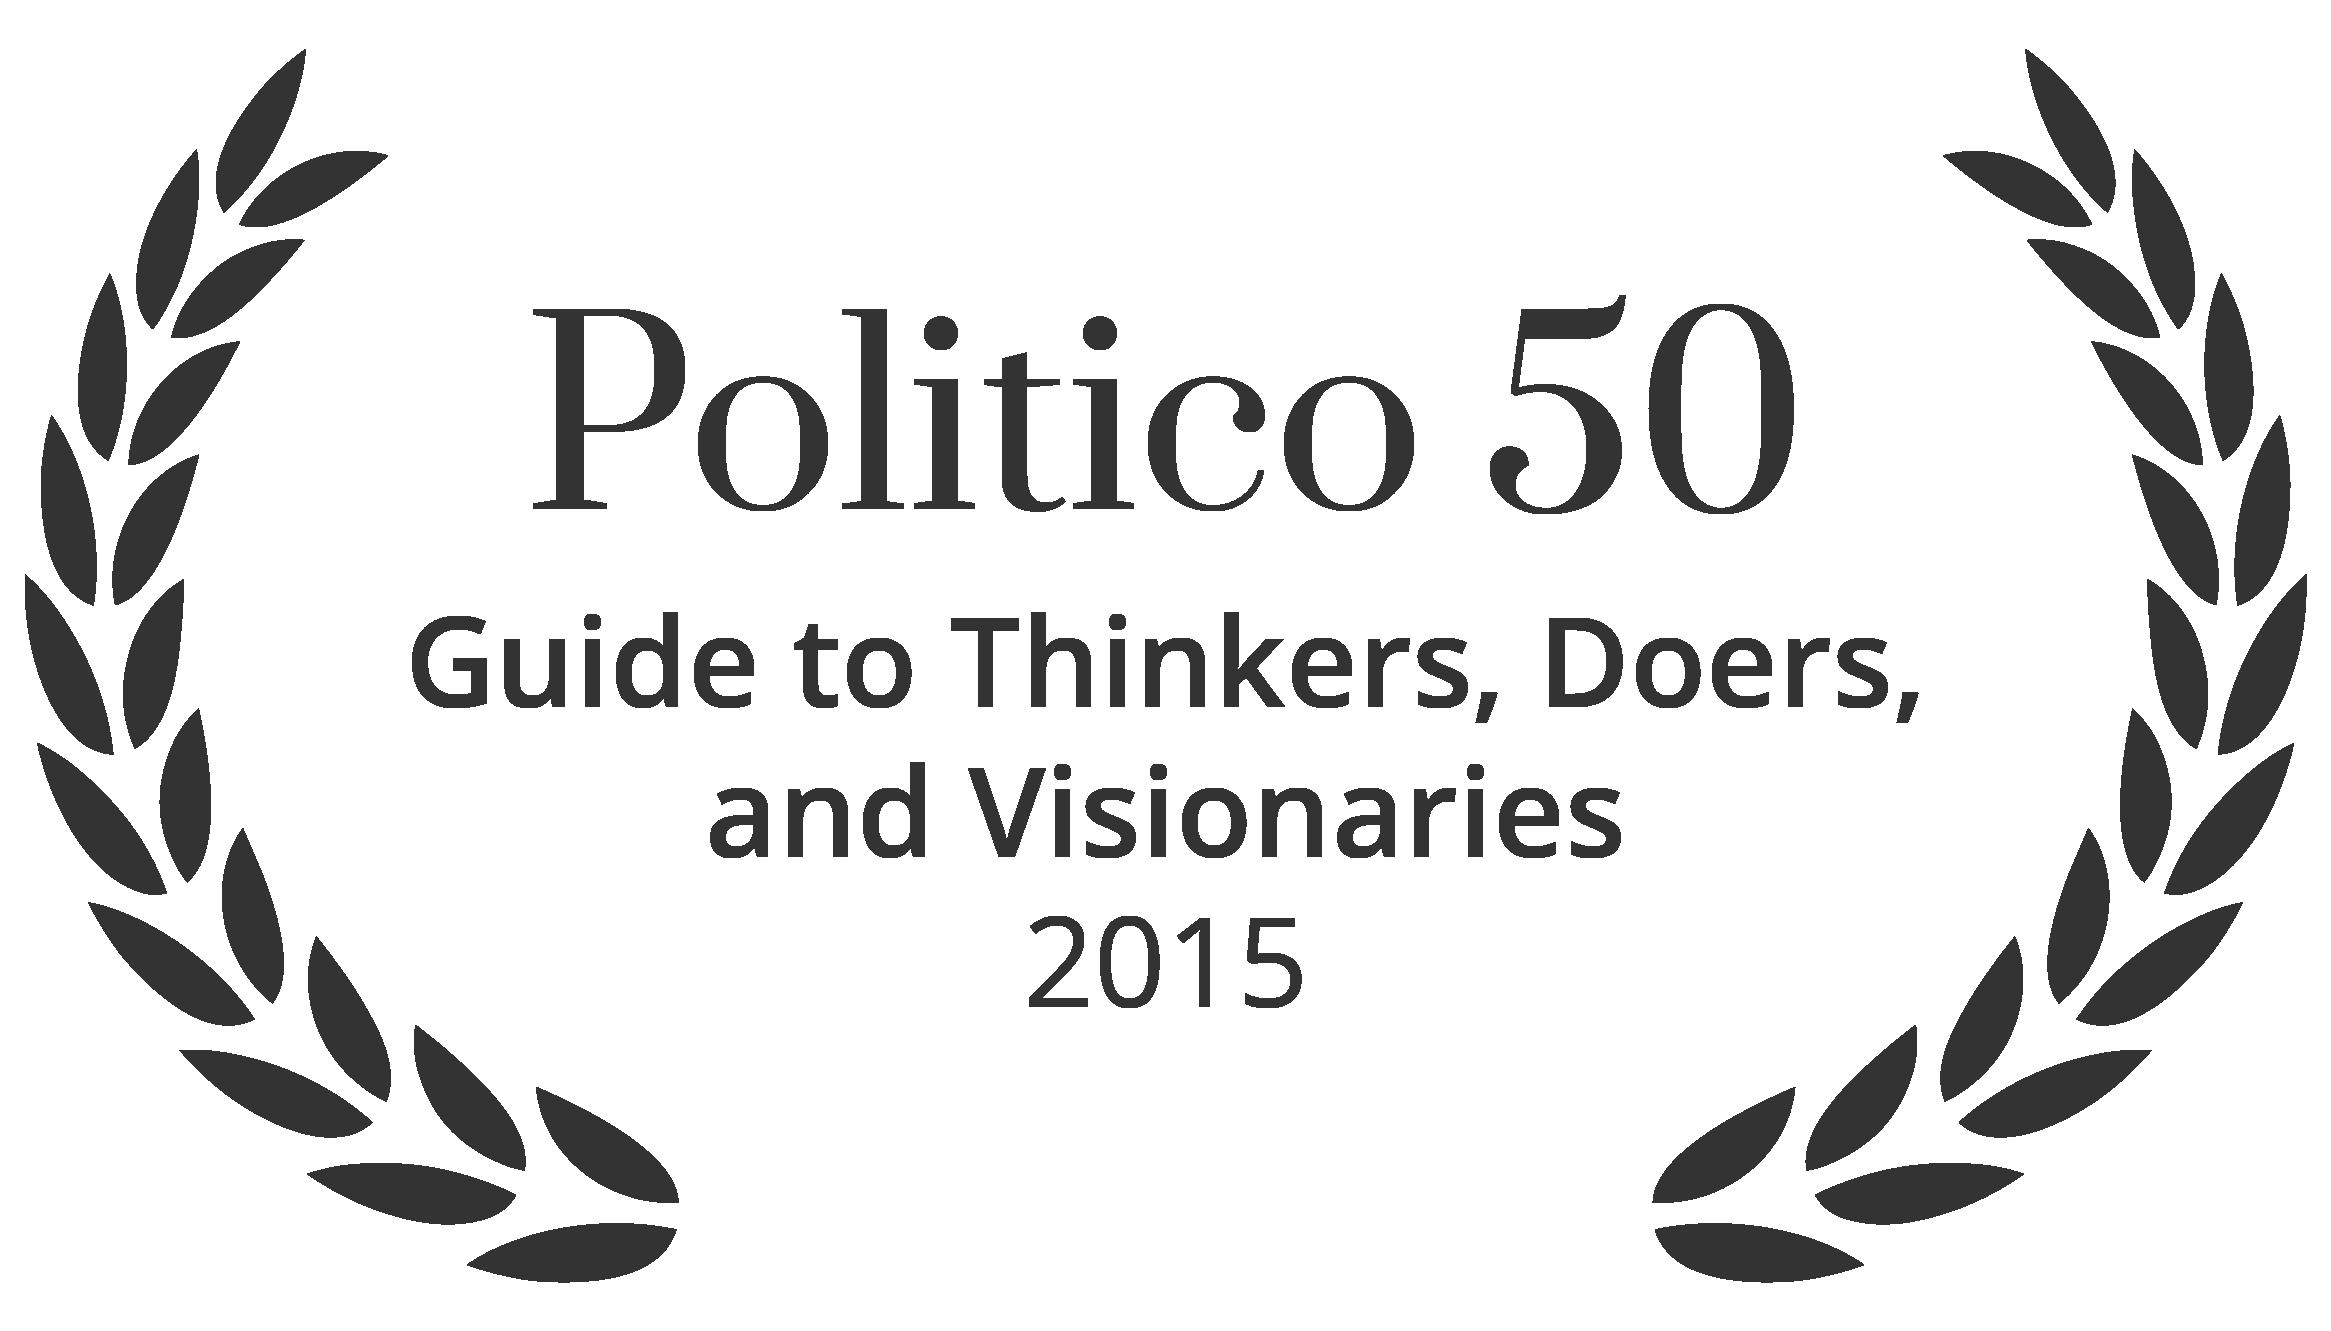 Politico 50